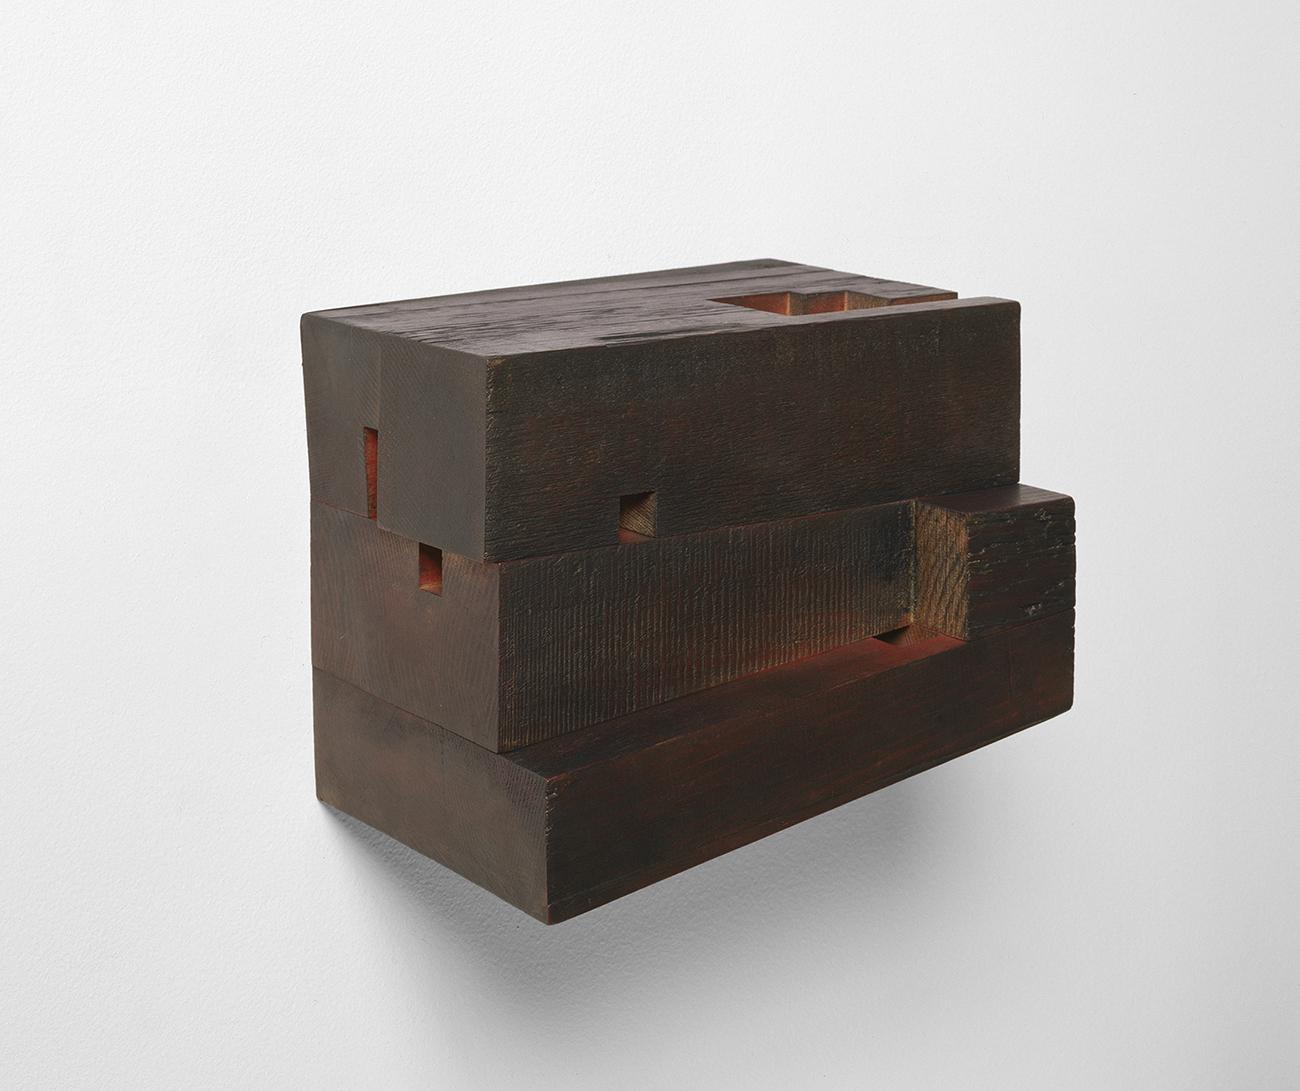 Demeure VI  (2001 -2002)   Bois polychrome, 18 x 22.5 x 19 cm, collection de l'artiste. photo : Richard-Max Tremblay